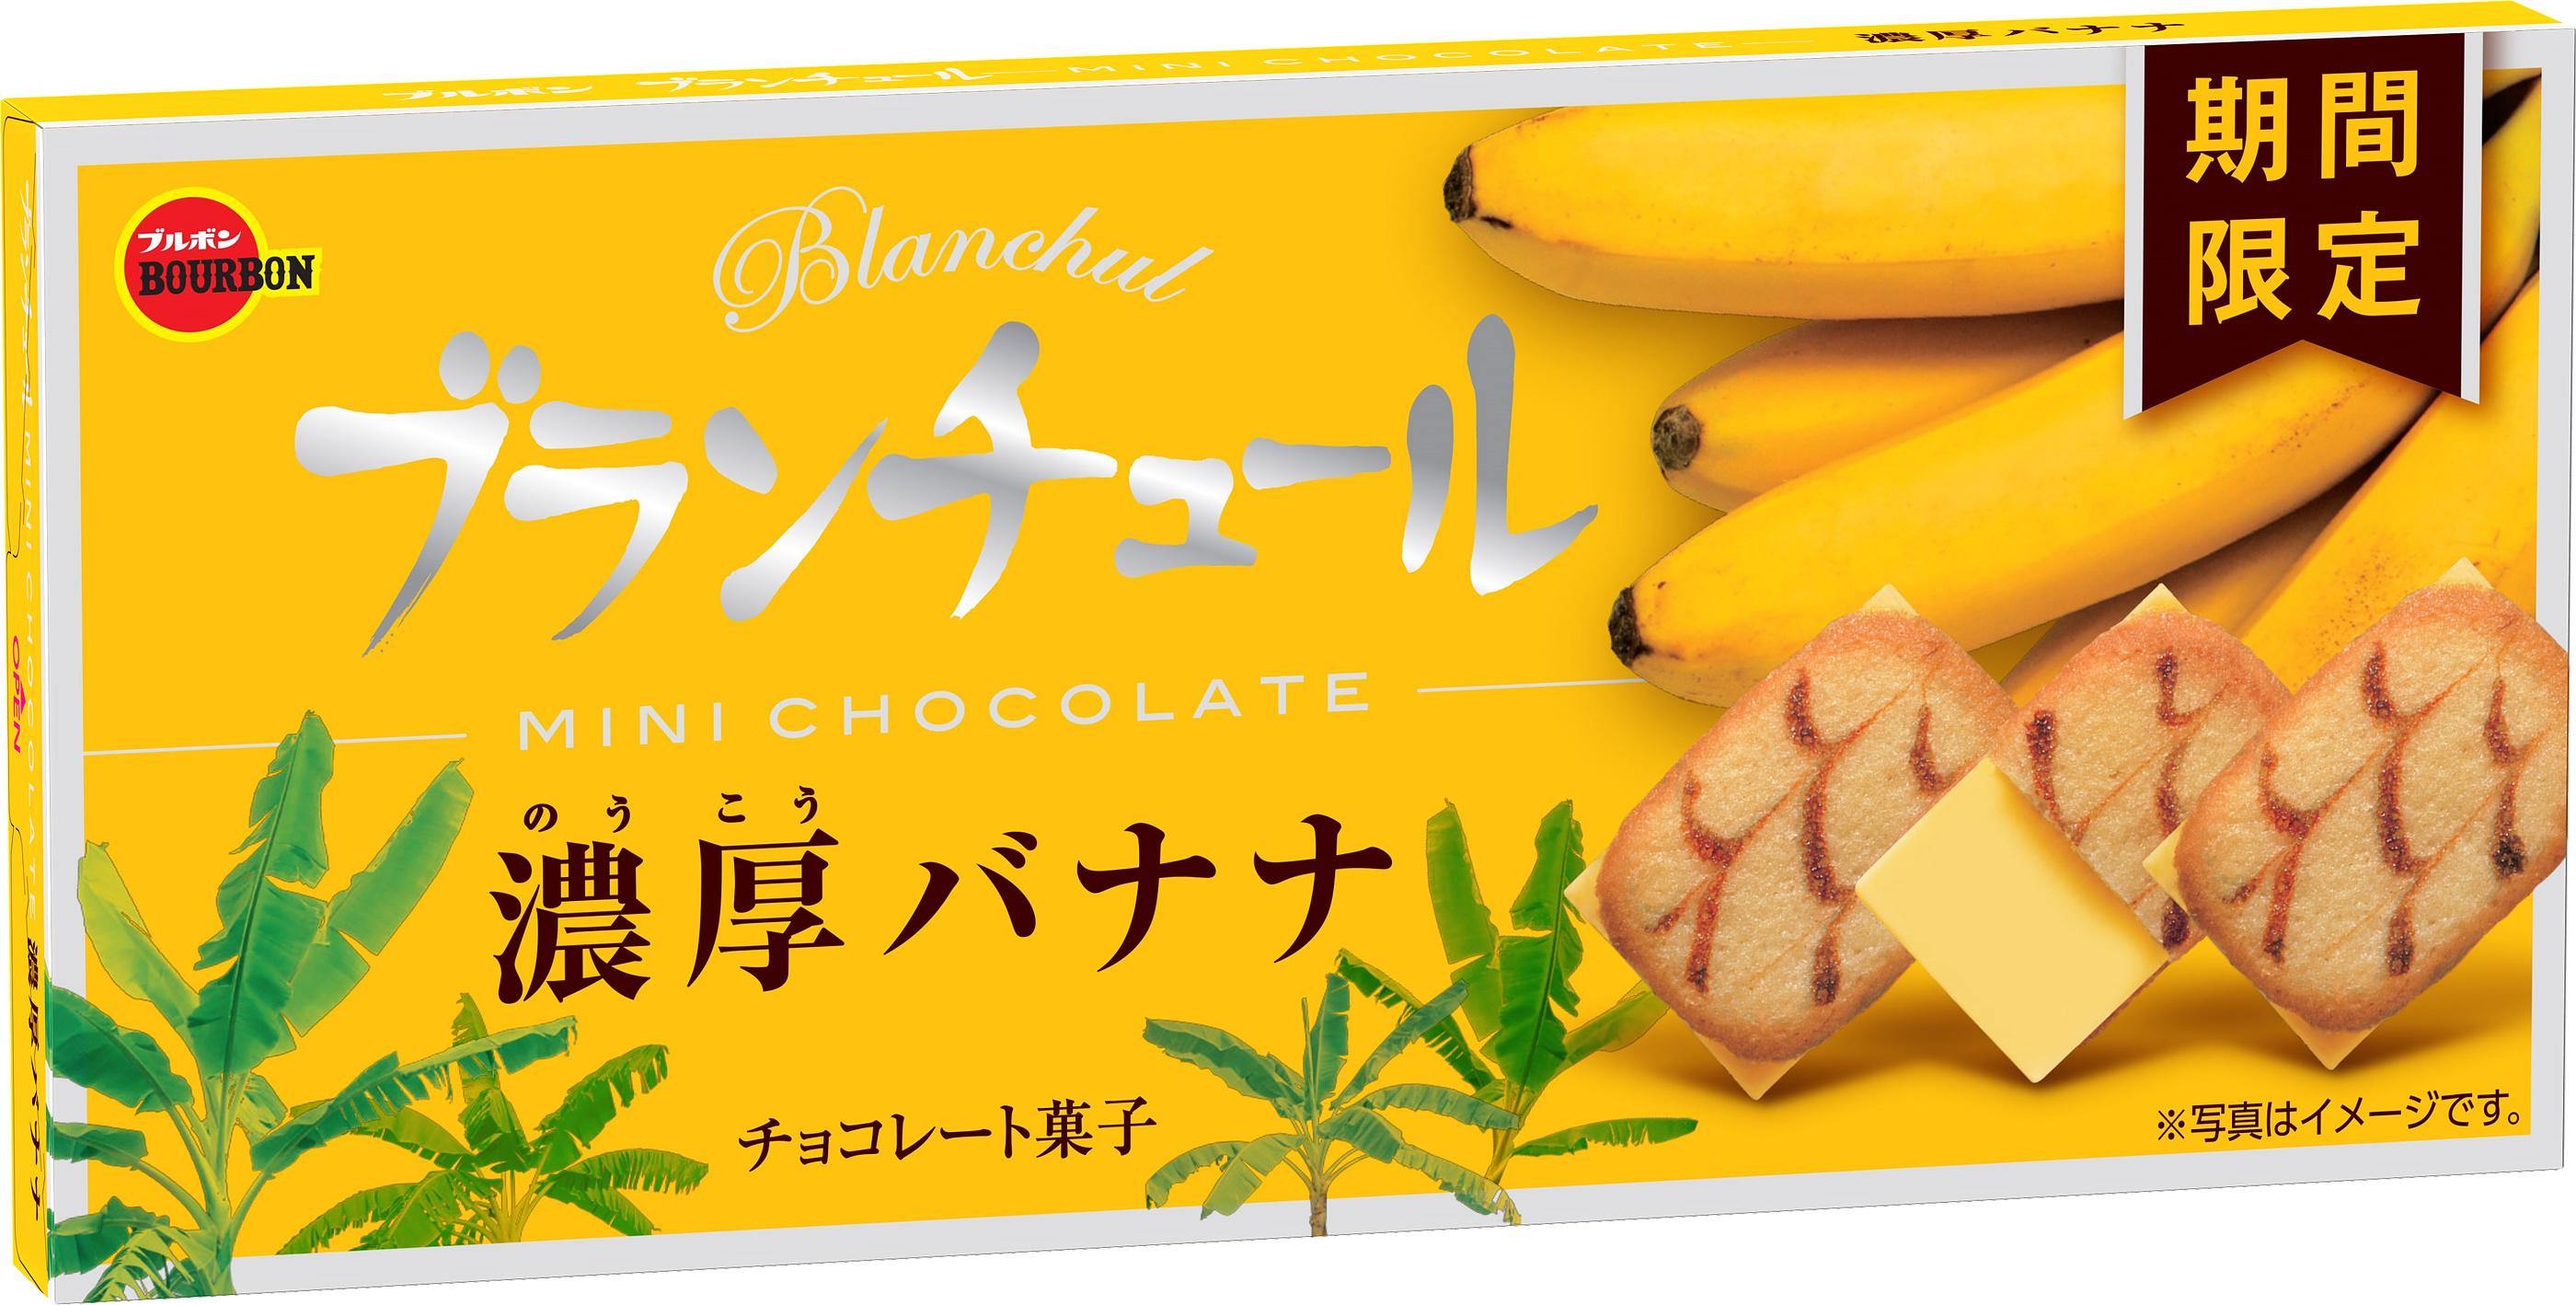 ブルボン、ラングドシャクッキーと濃厚バナナチョコの組み合わせ「ブランチュールミニチョコレート濃厚バナ... 画像